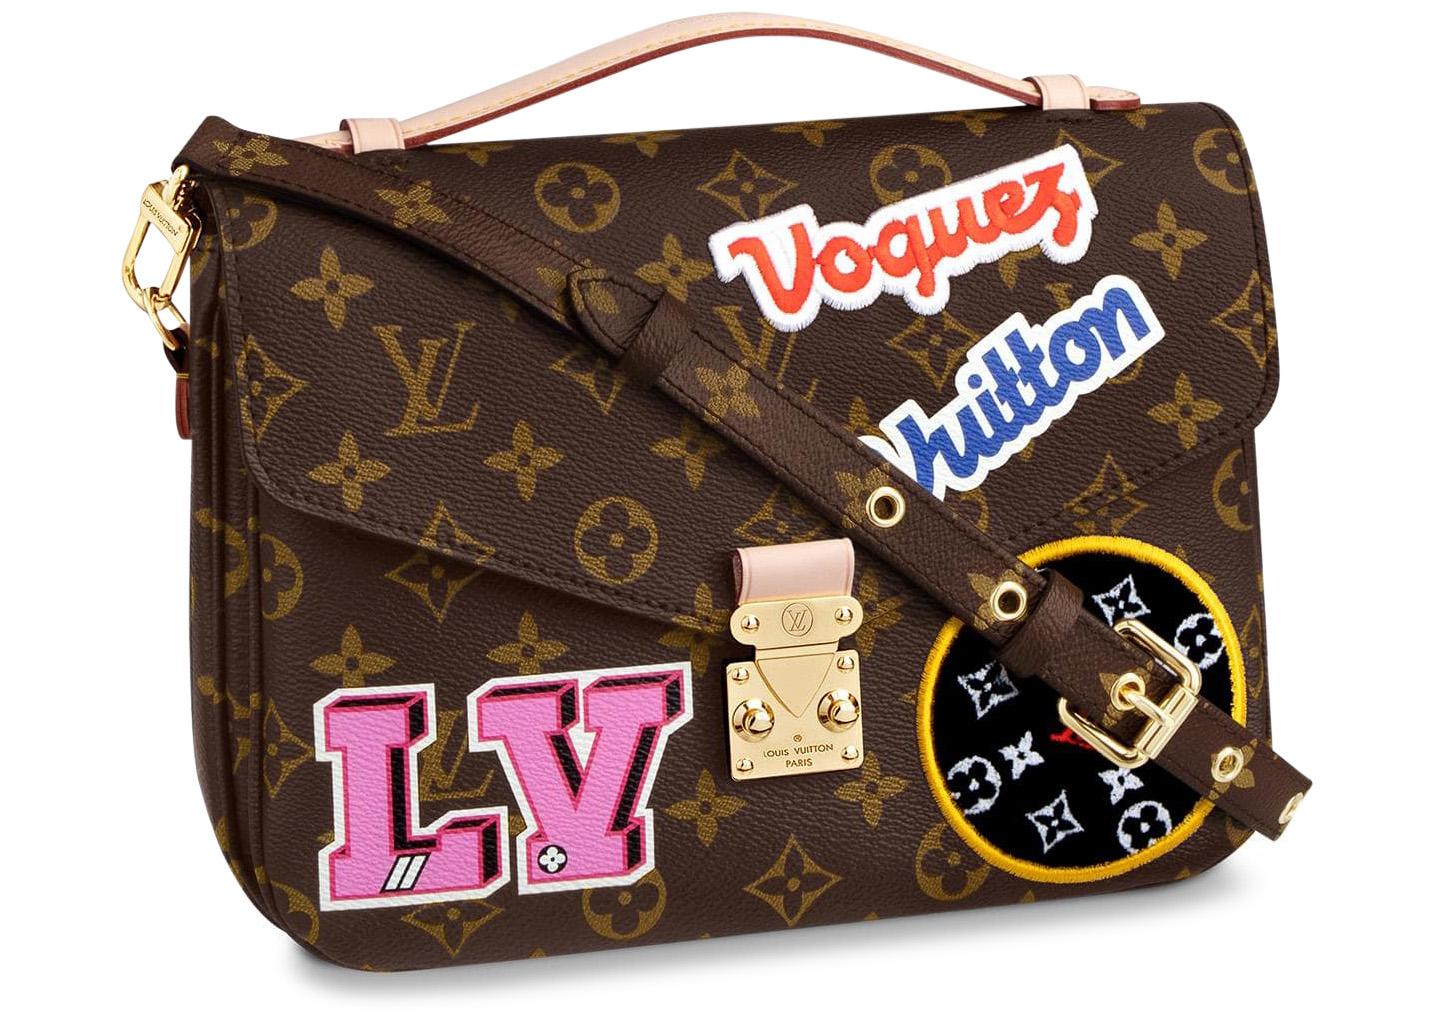 Louis Vuitton Pochette Metis Monogram Patches Brown Multicolor